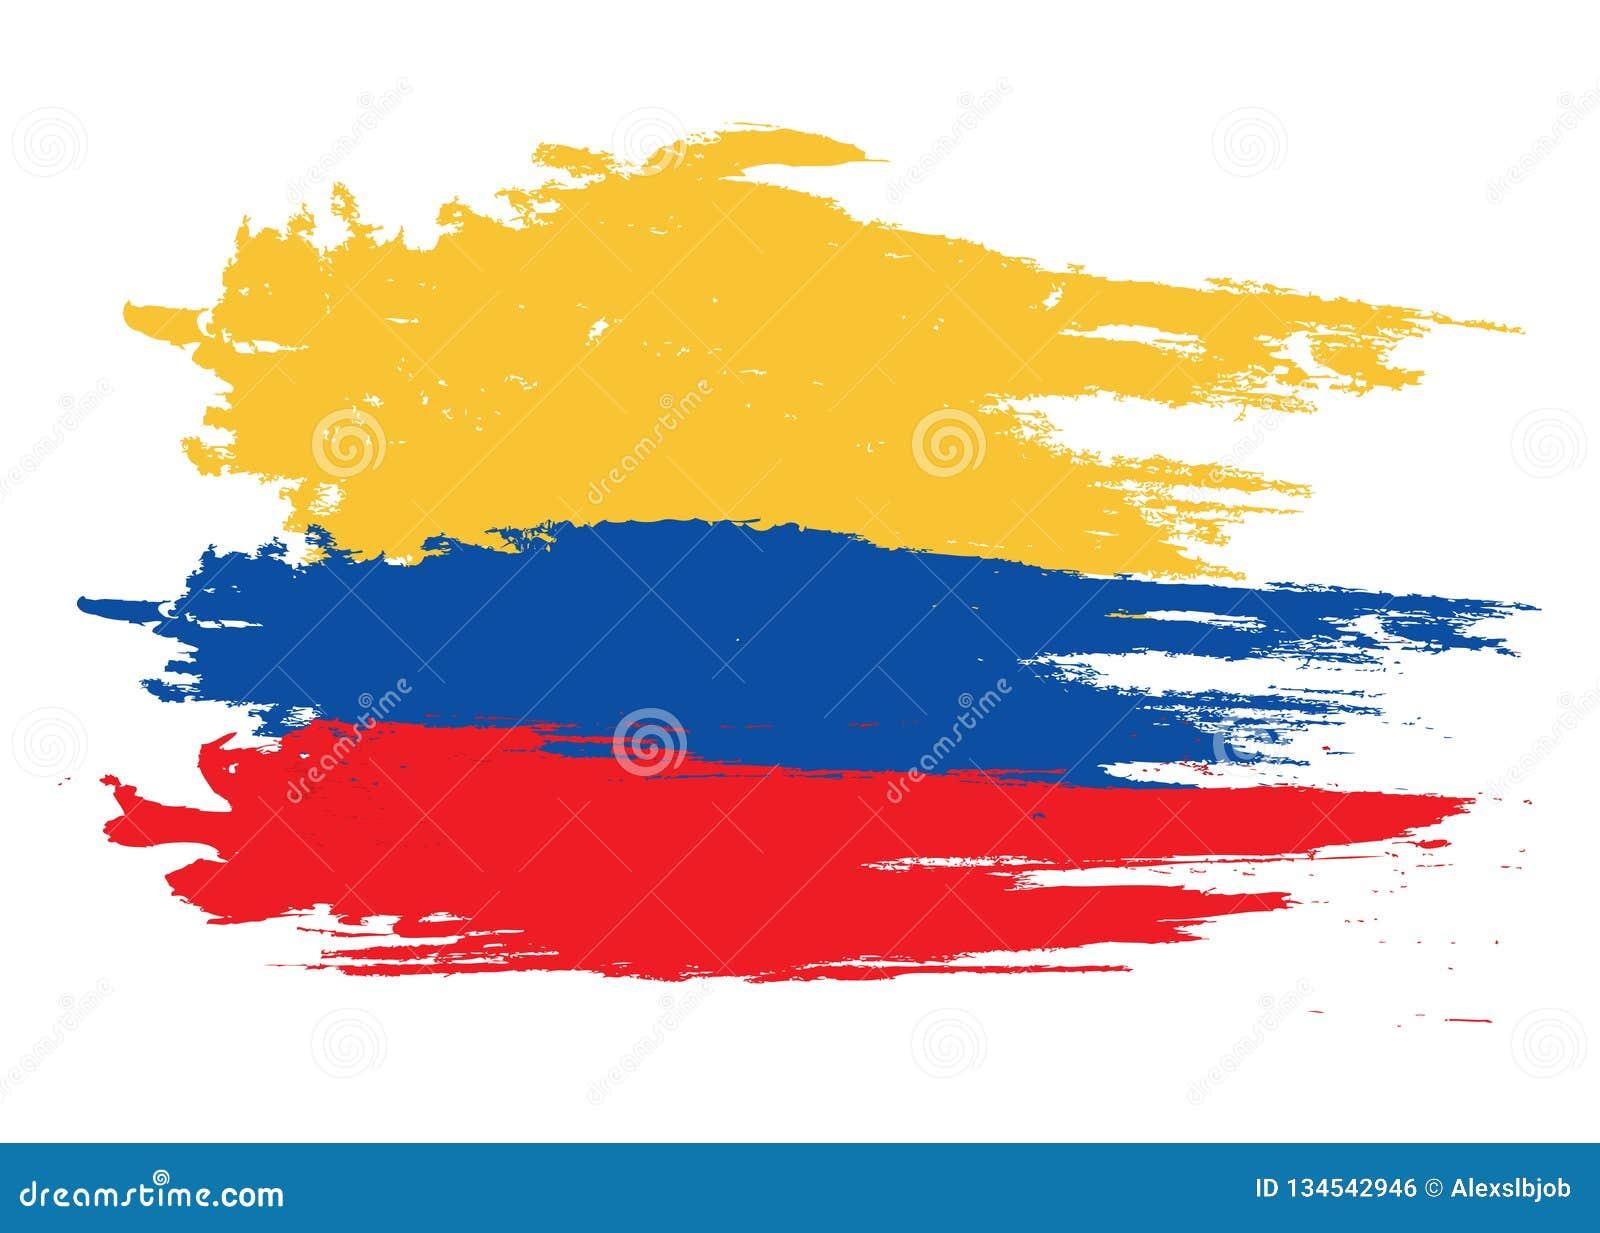 Dirigez le drapeau de la Colombie, illustration de drapeau de la Colombie, photo de drapeau de la Colombie, drapeau de la Colombi